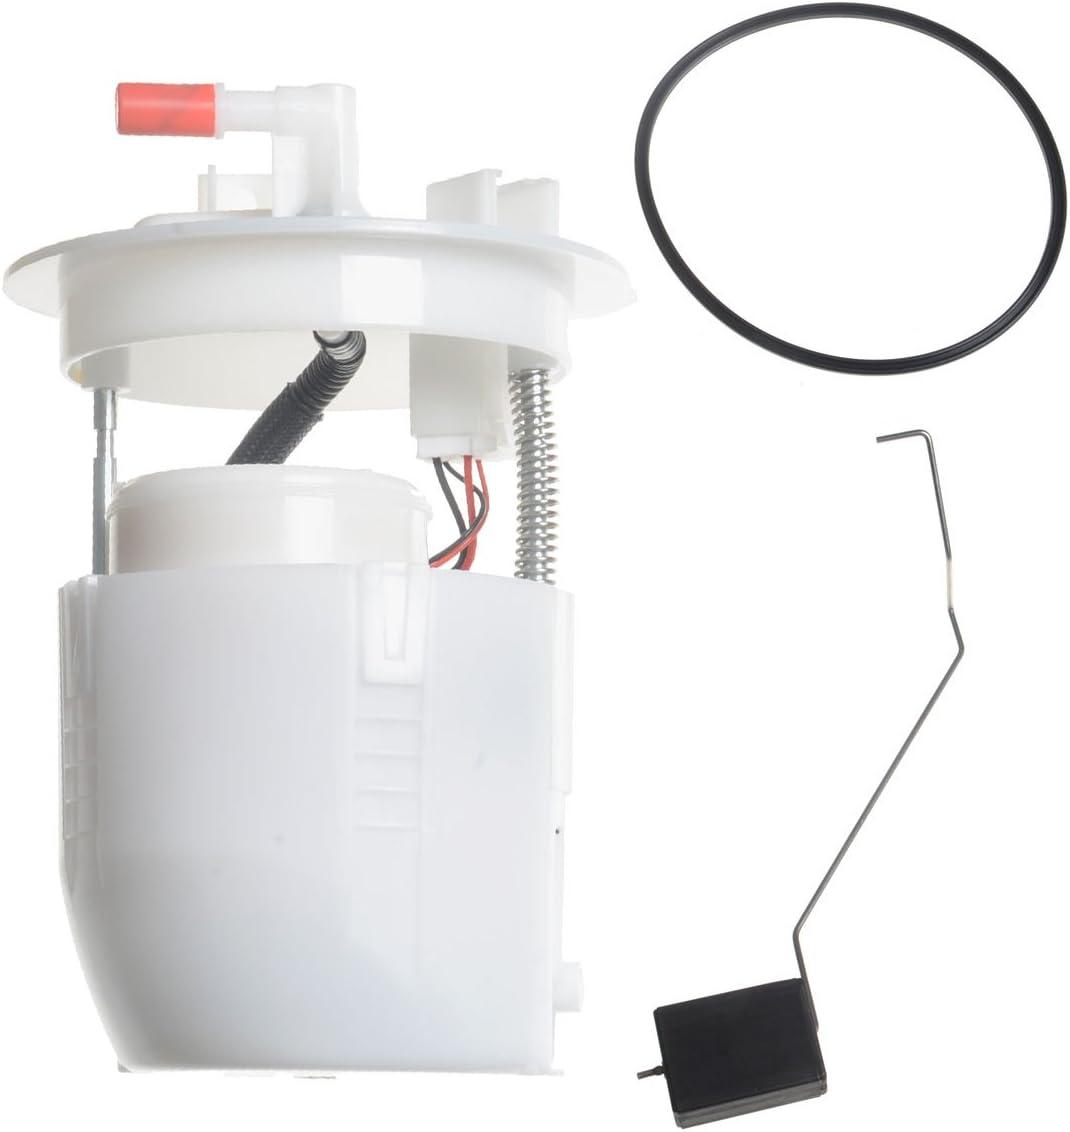 Fuel Pump Module Assembly Fits 2003-2008 Mazda 6 L4 2.3L /& Fuel Level Sensor